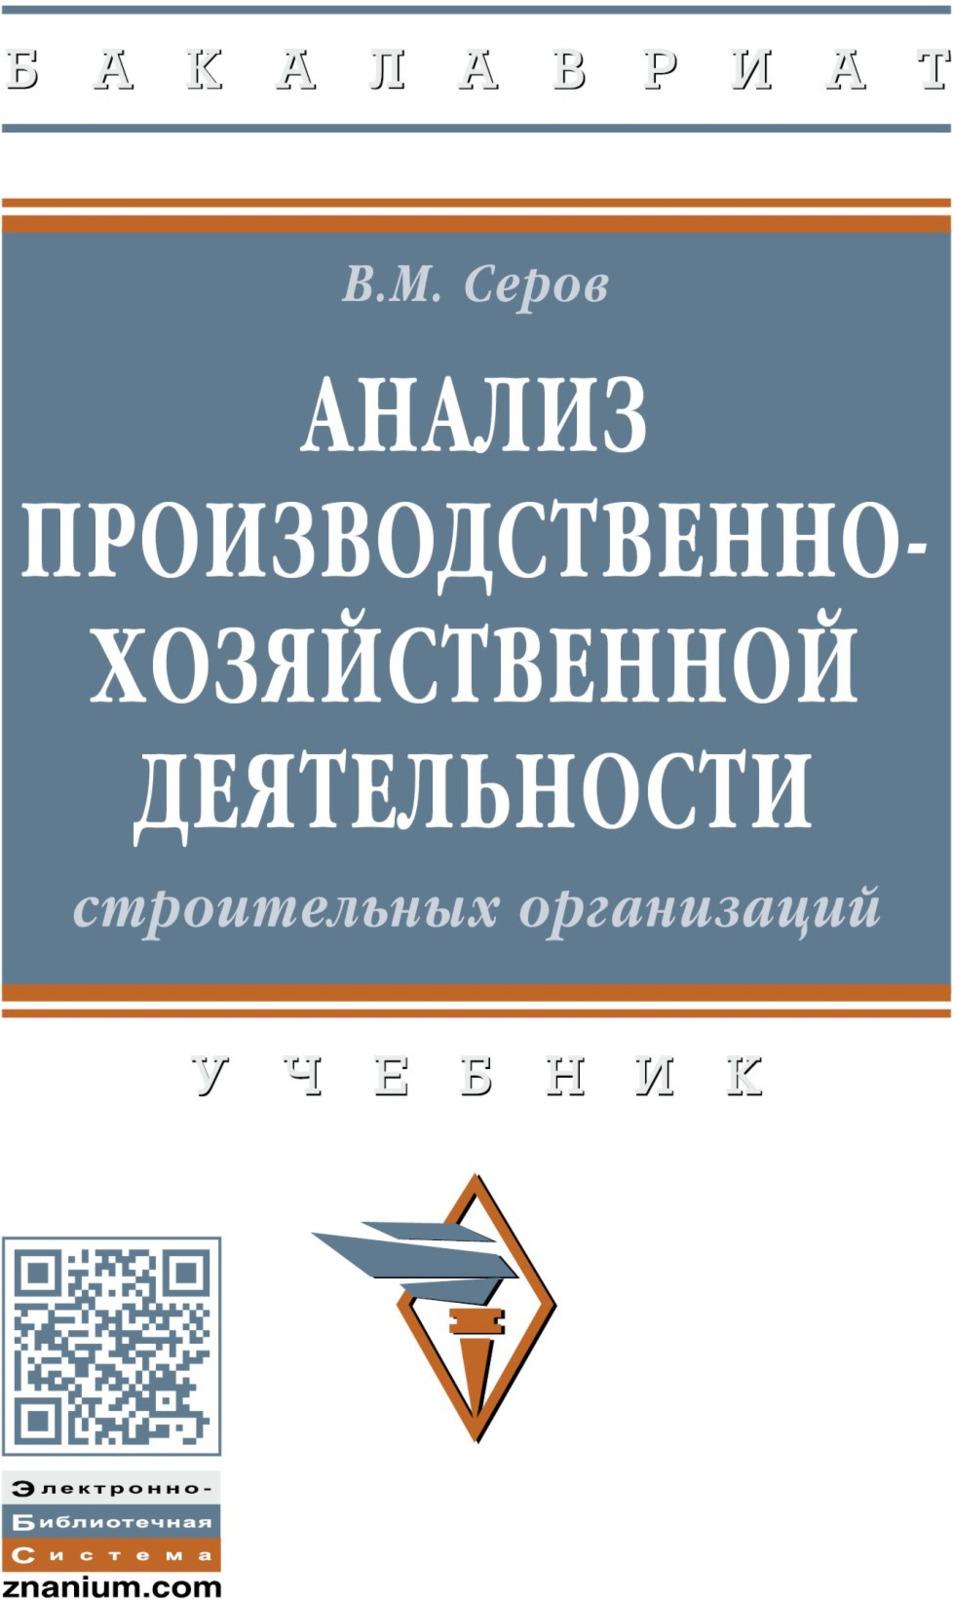 В. М. Серов Анализ производственно-хозяйственной деятельности строительных организаций н о вихрова экономика производства оценка результатов хозяйственной деятельности